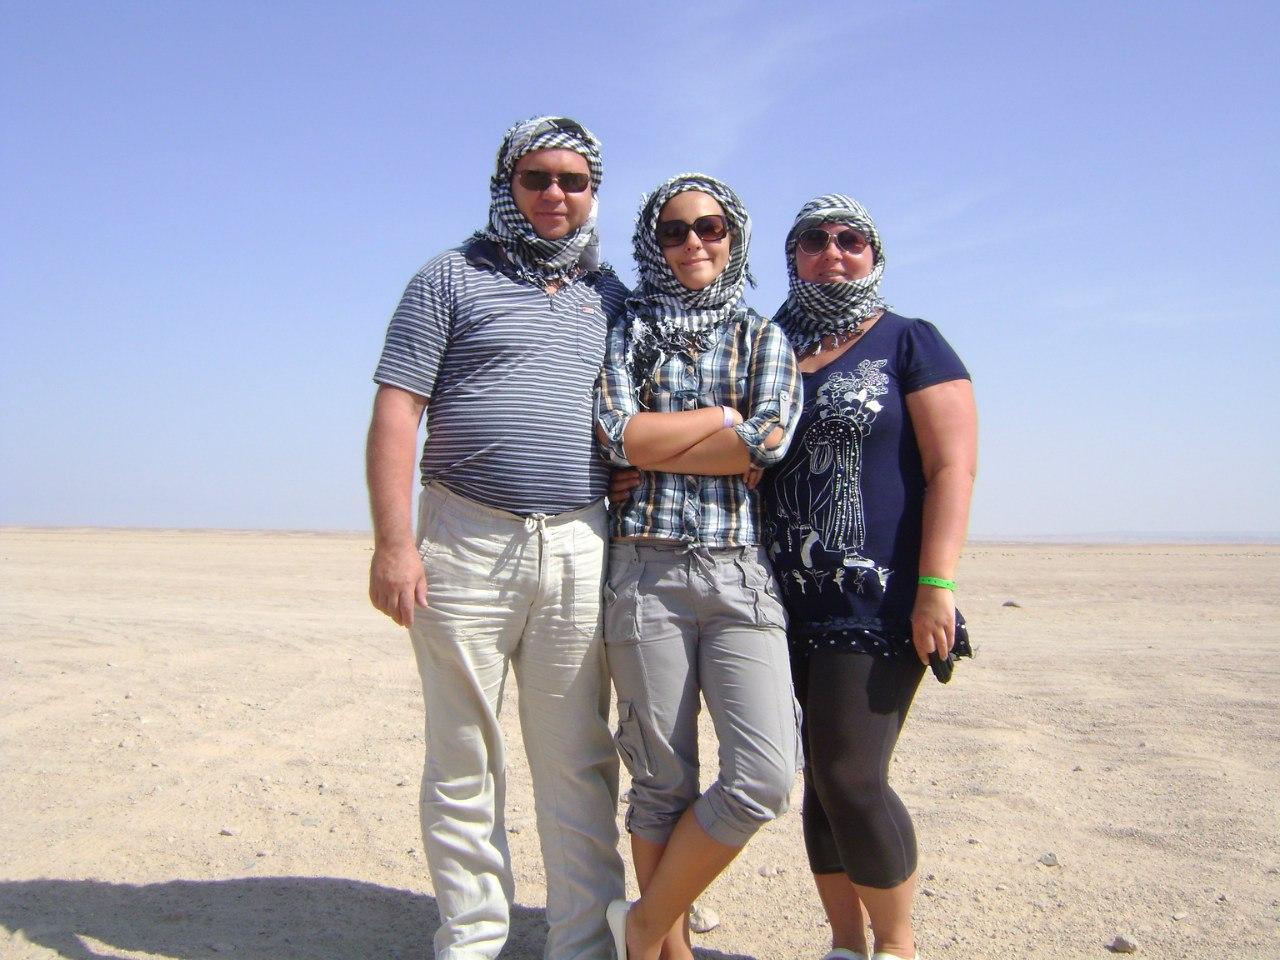 Одежда для поездки в Египет